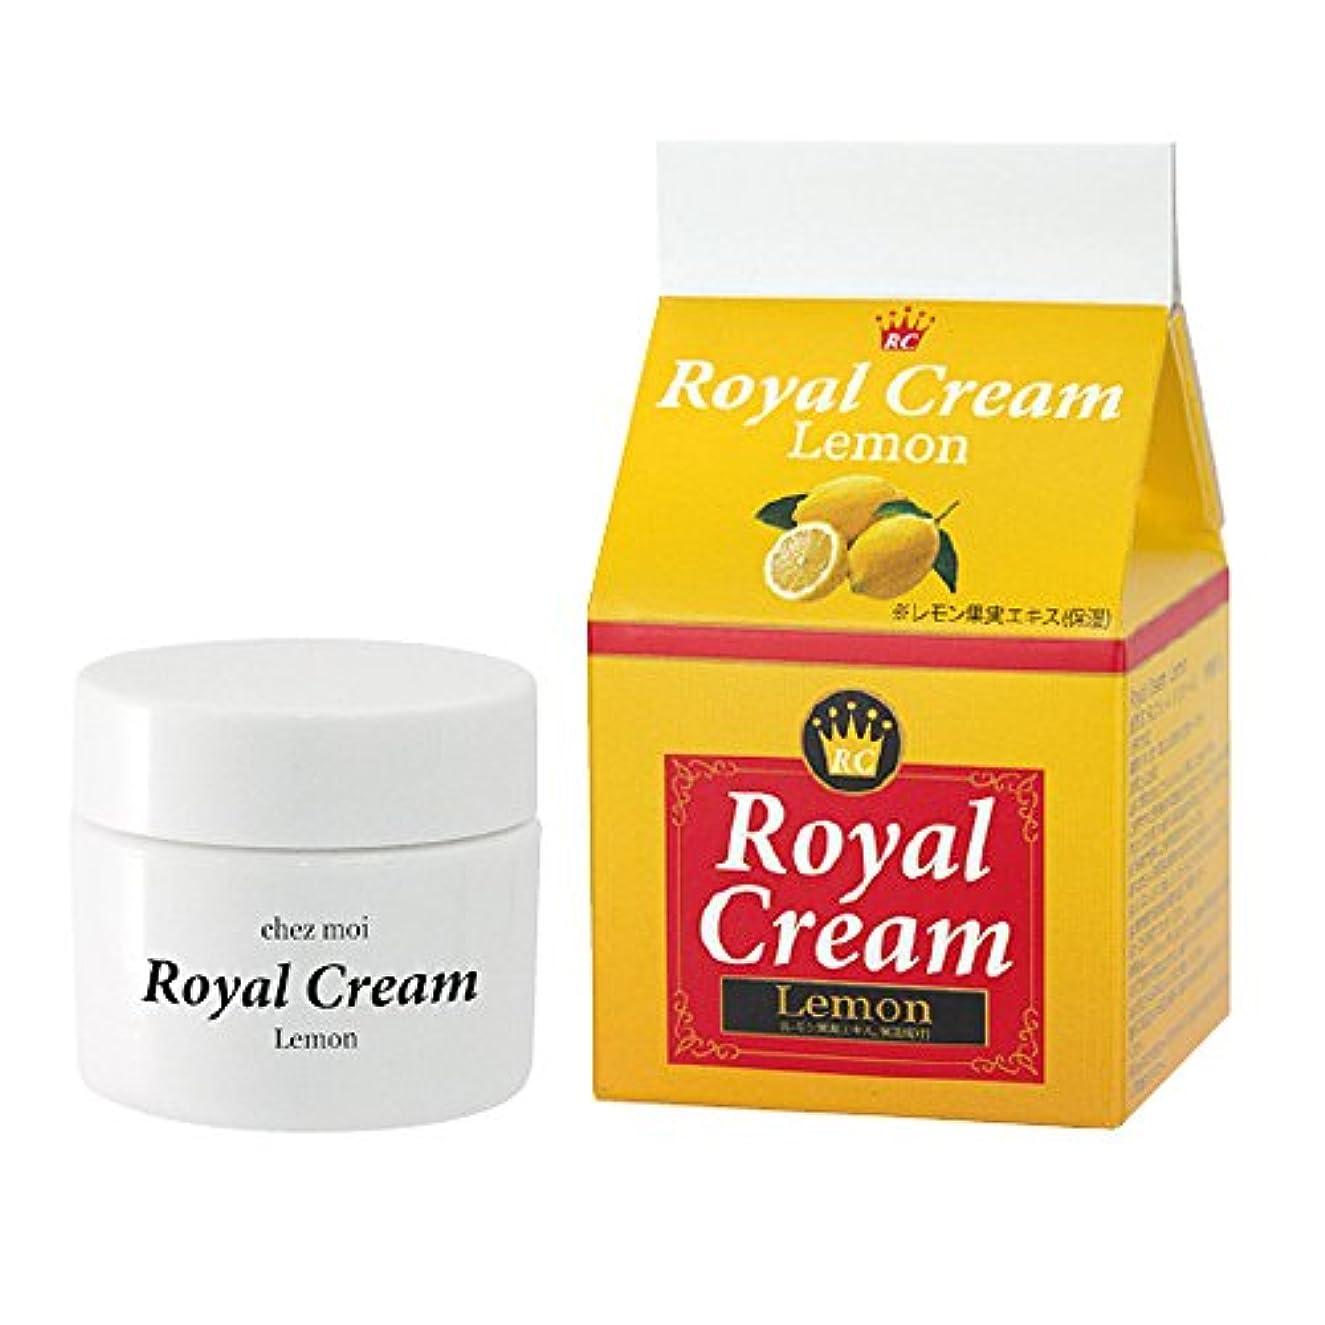 メディックエレメンタル認めるシェモア Royal Cream Lemon(ロイヤルクリームレモン) 30g